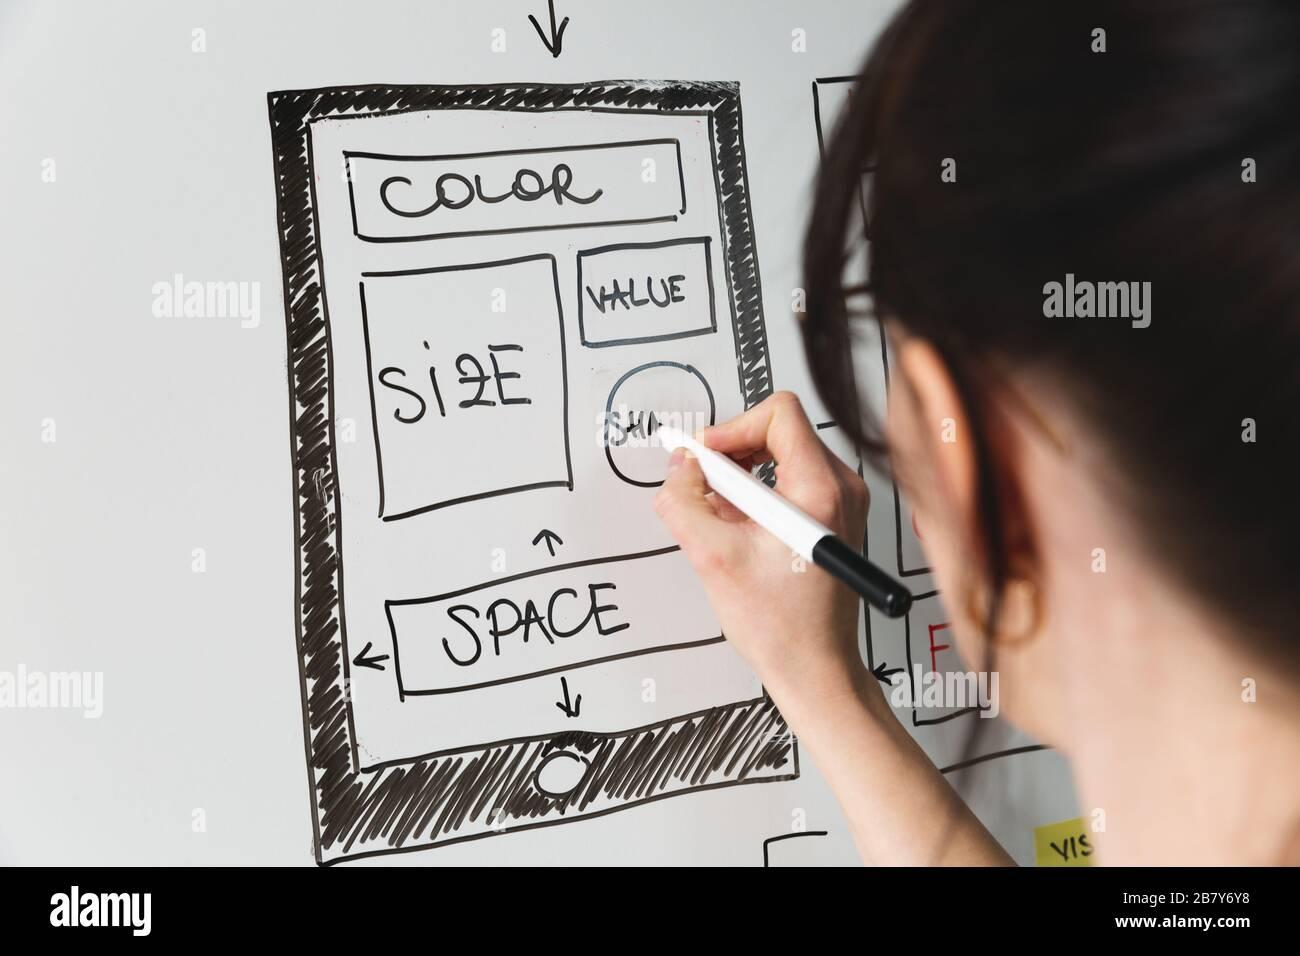 Femmes concepteur de site Web planification créative application développement modèle de mise en page cadre de conception filaire studio . Concept d'expérience utilisateur Banque D'Images